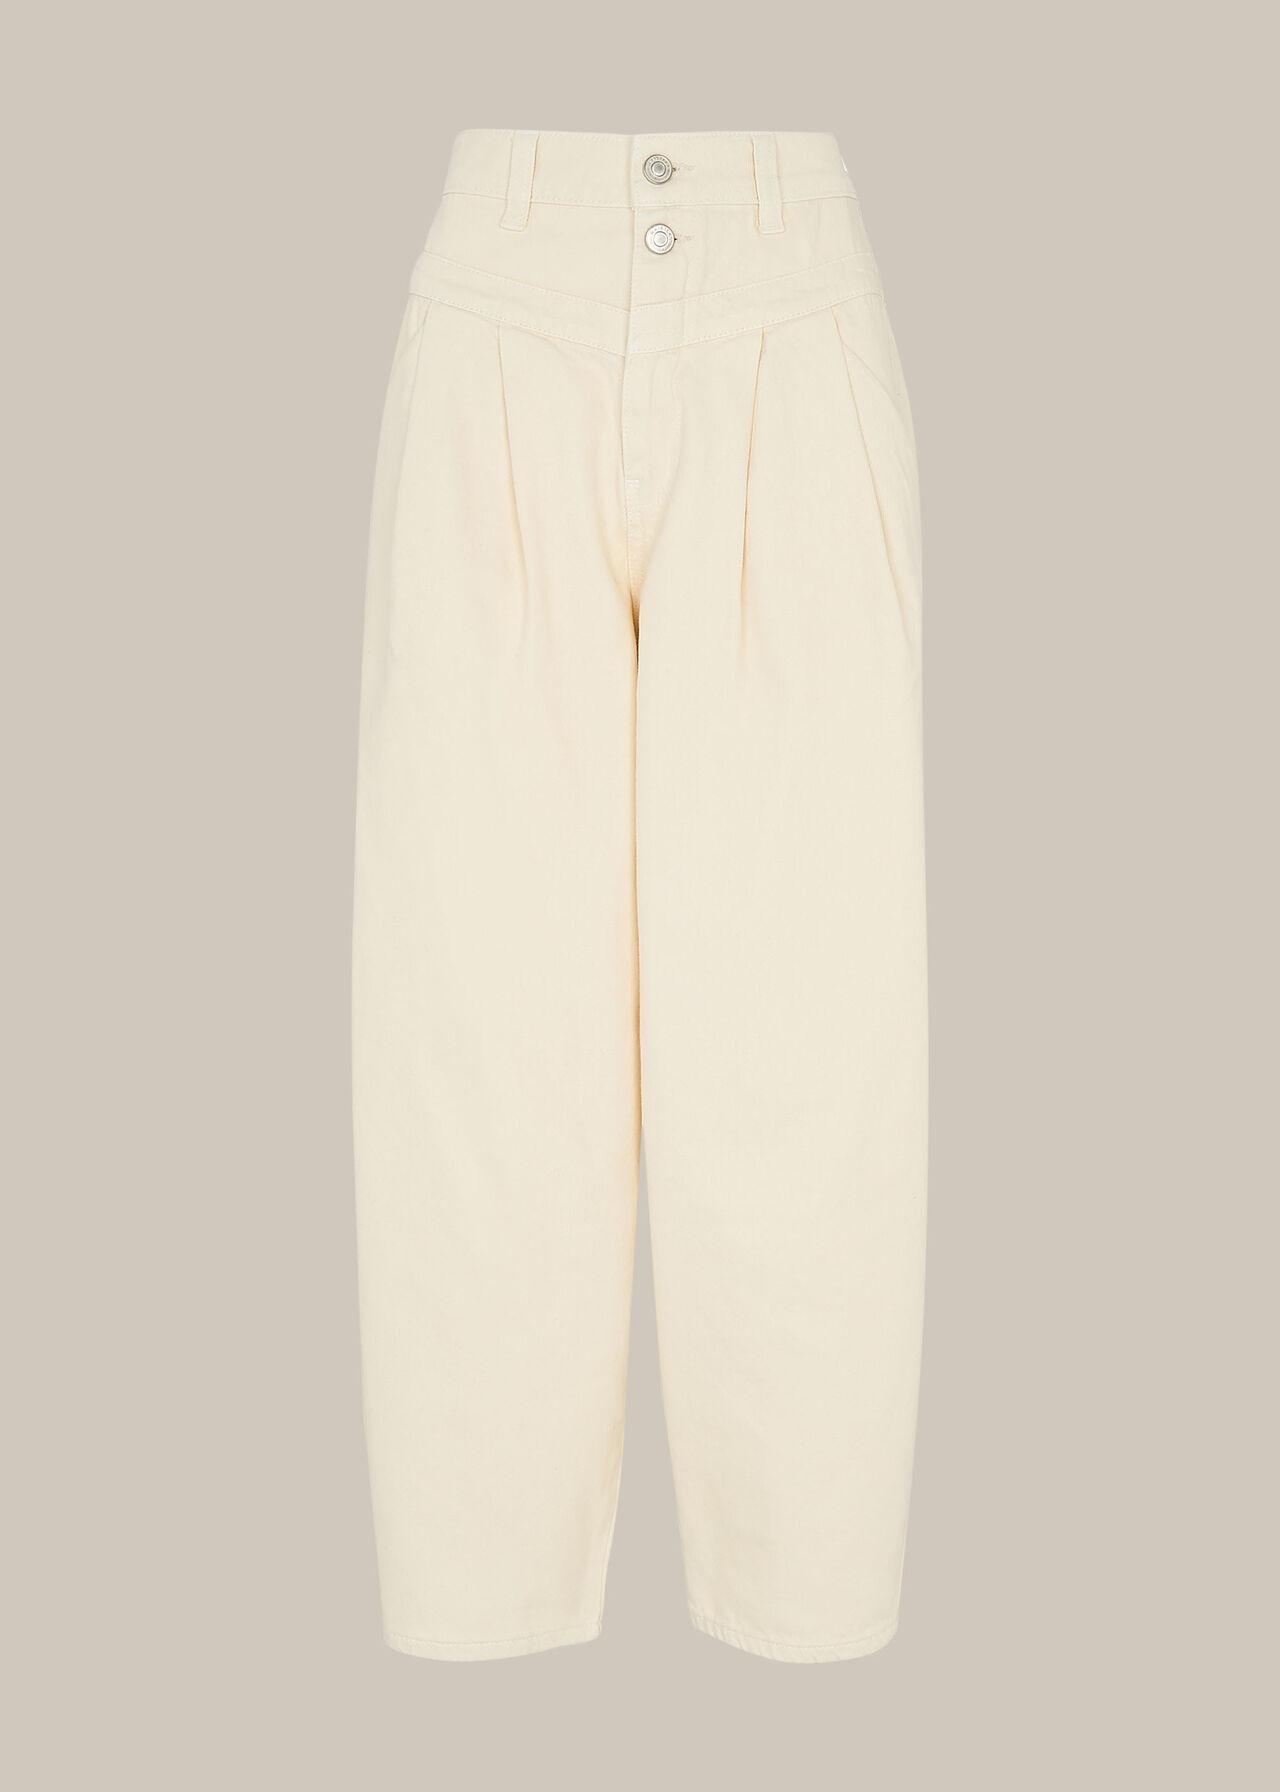 Authentic India Pleat Jean